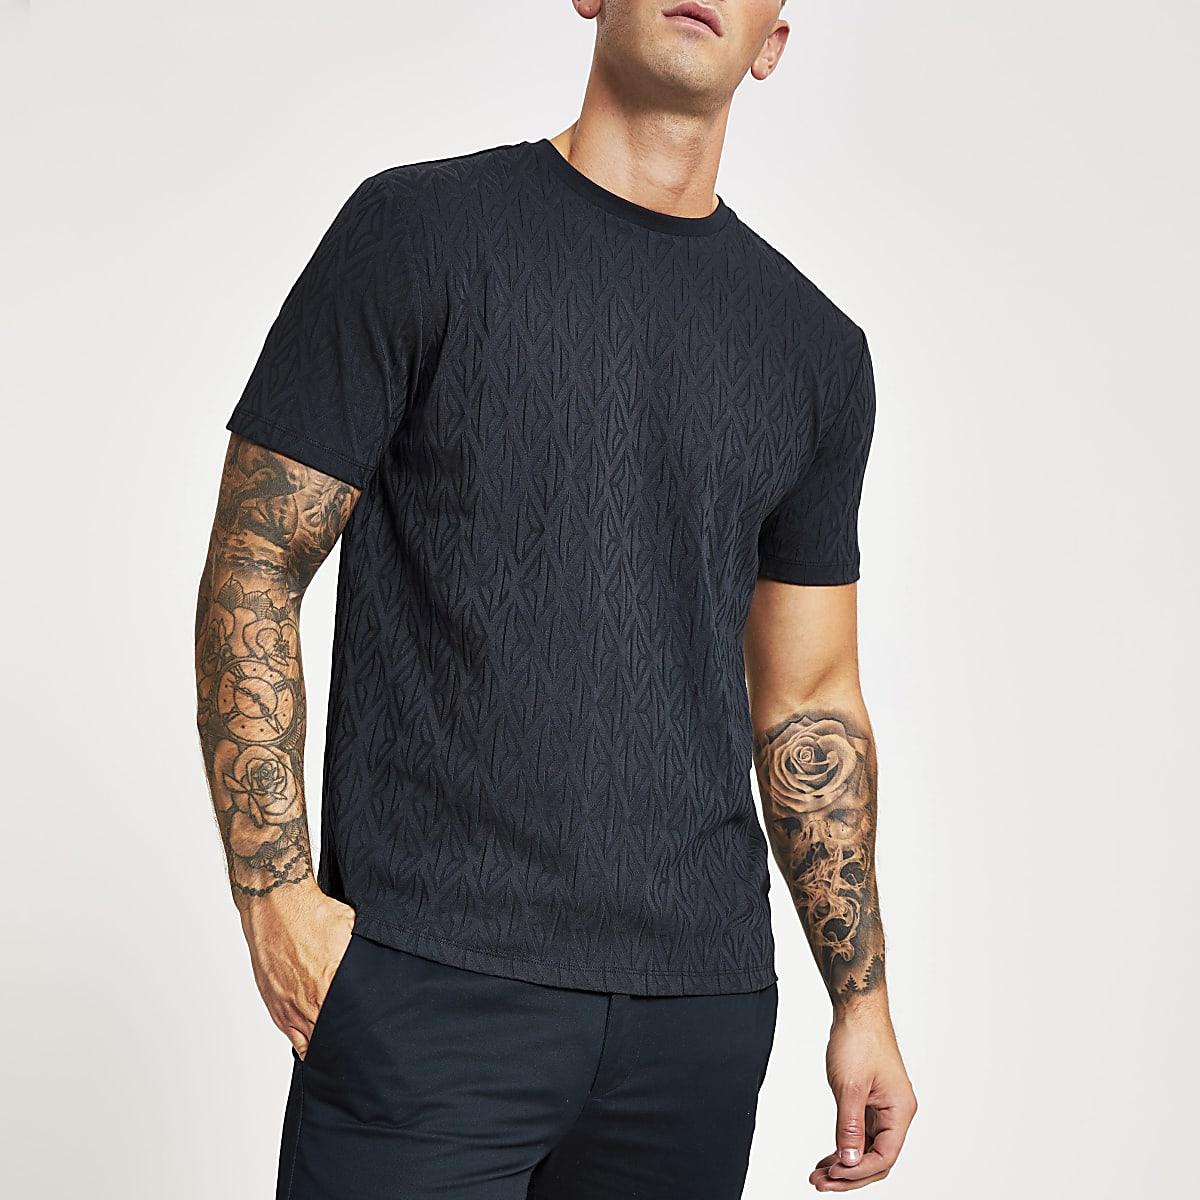 T-shirt jacquard slimbleu foncé